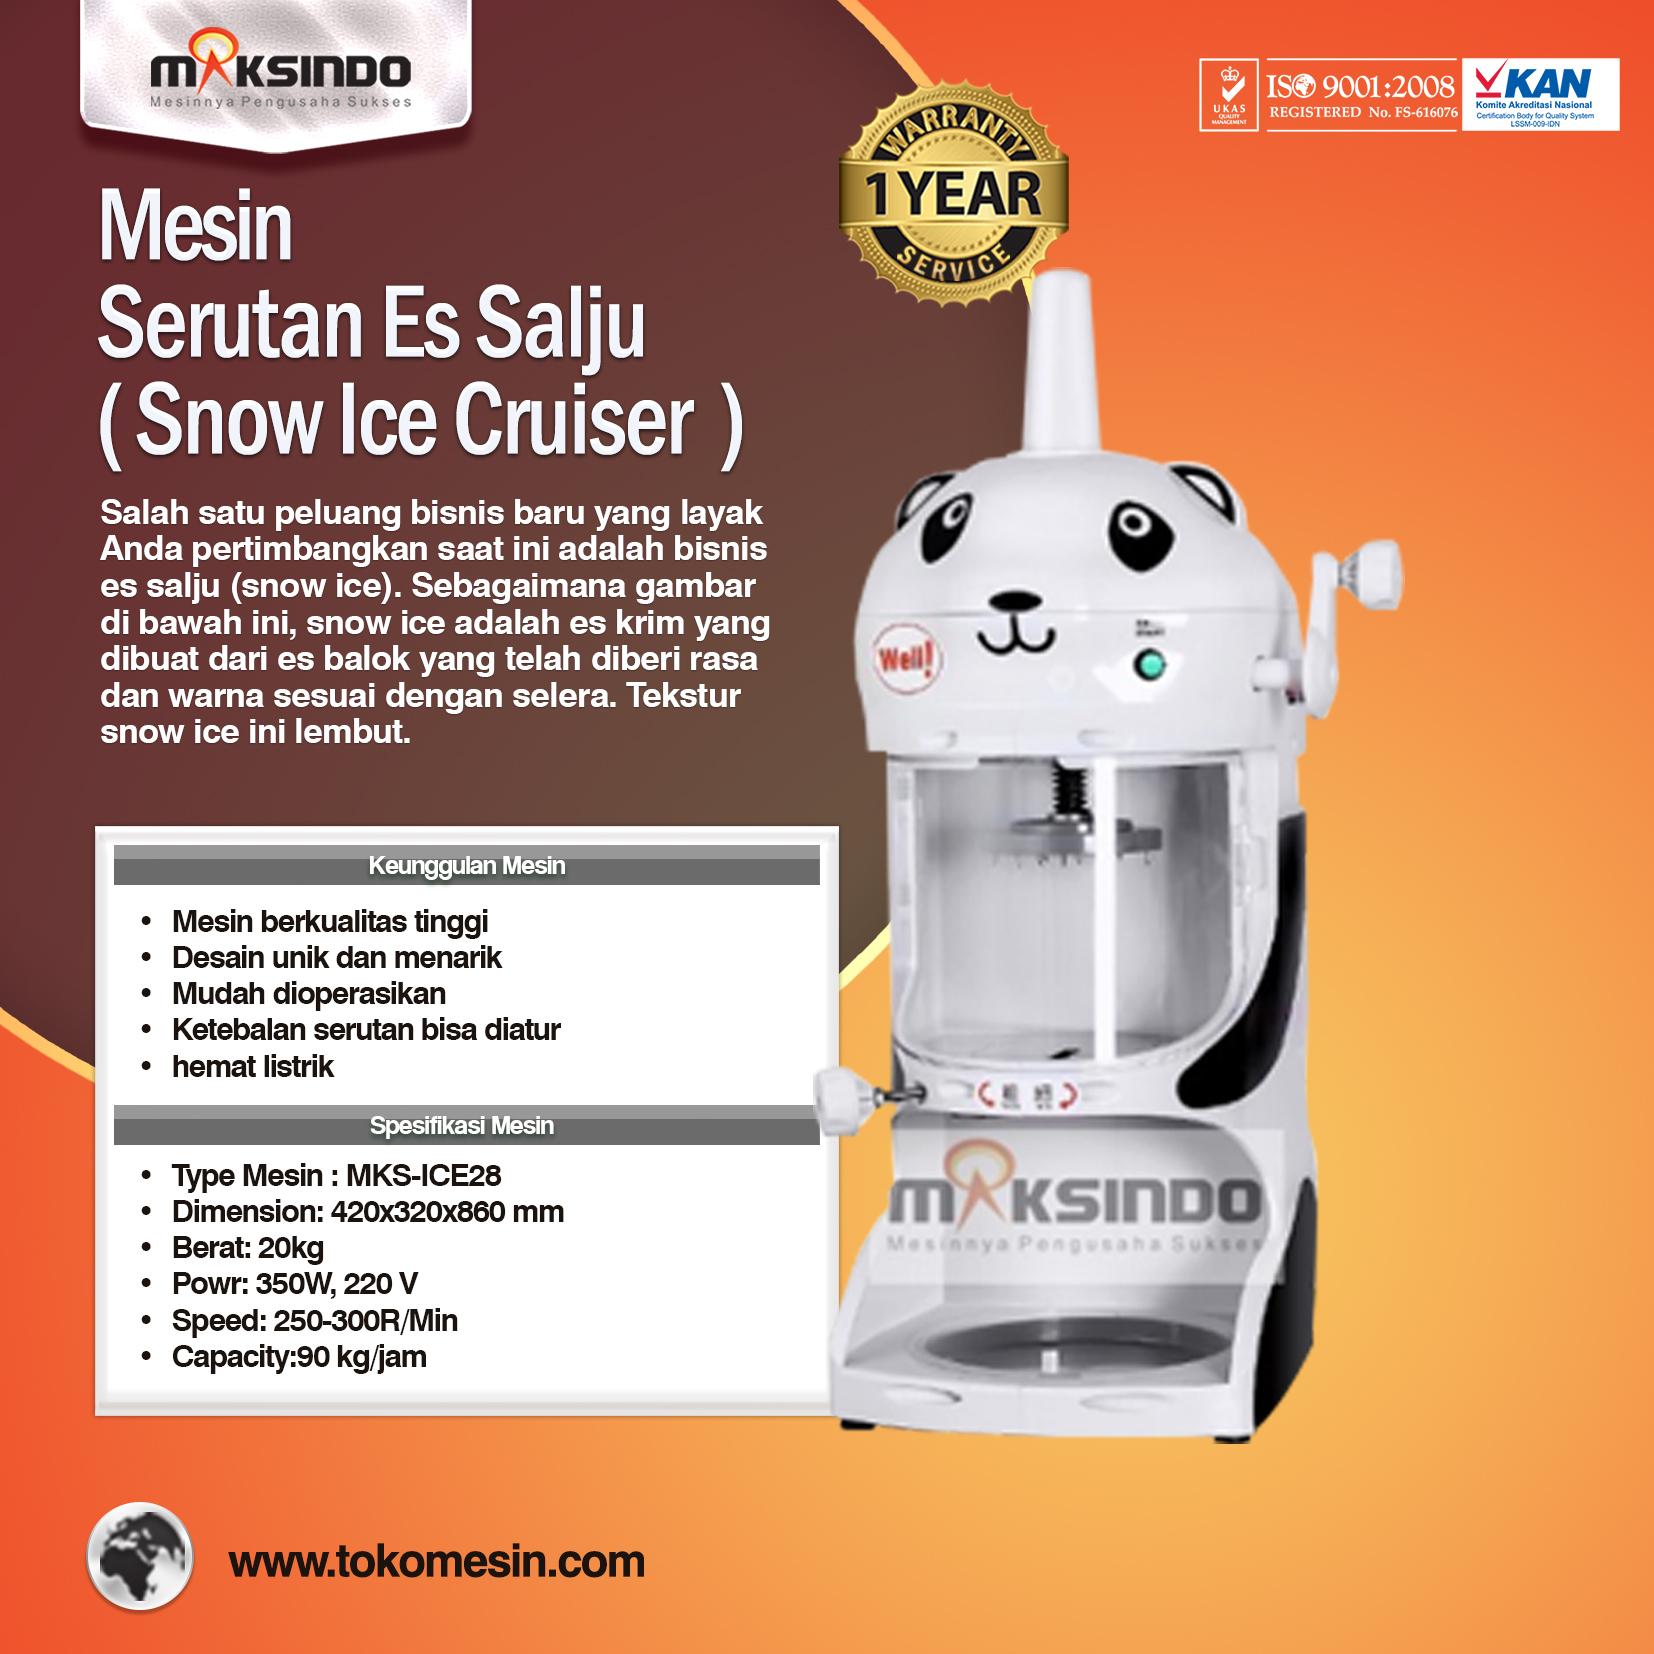 Mesin Serutan Es Salju MKS-ICE28